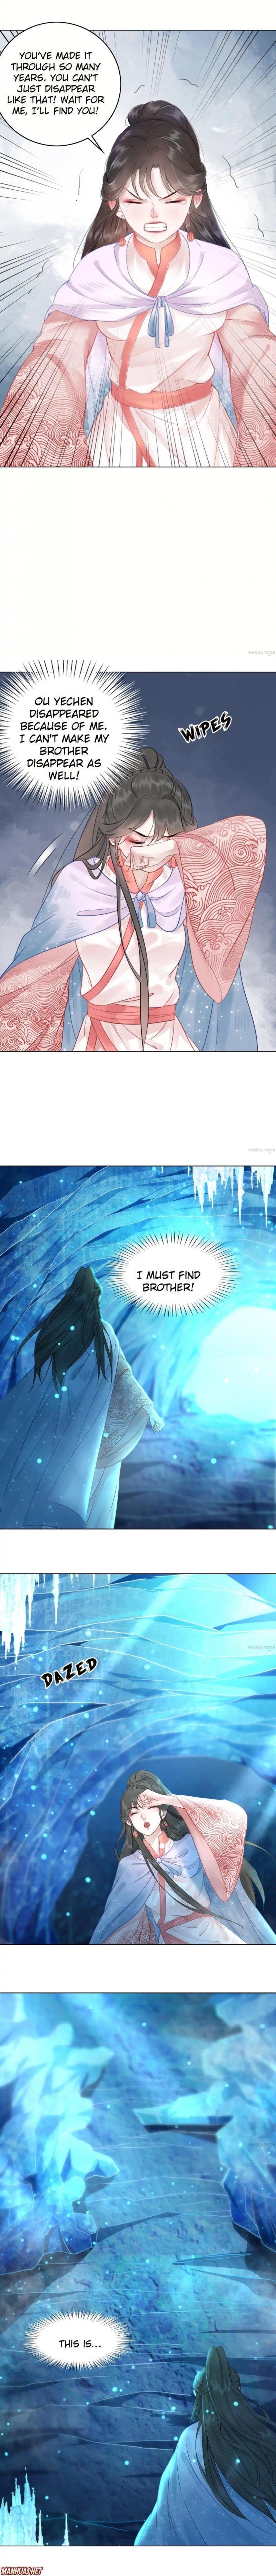 Miss Miracle Chapter 85 page 2 - Mangakakalots.com